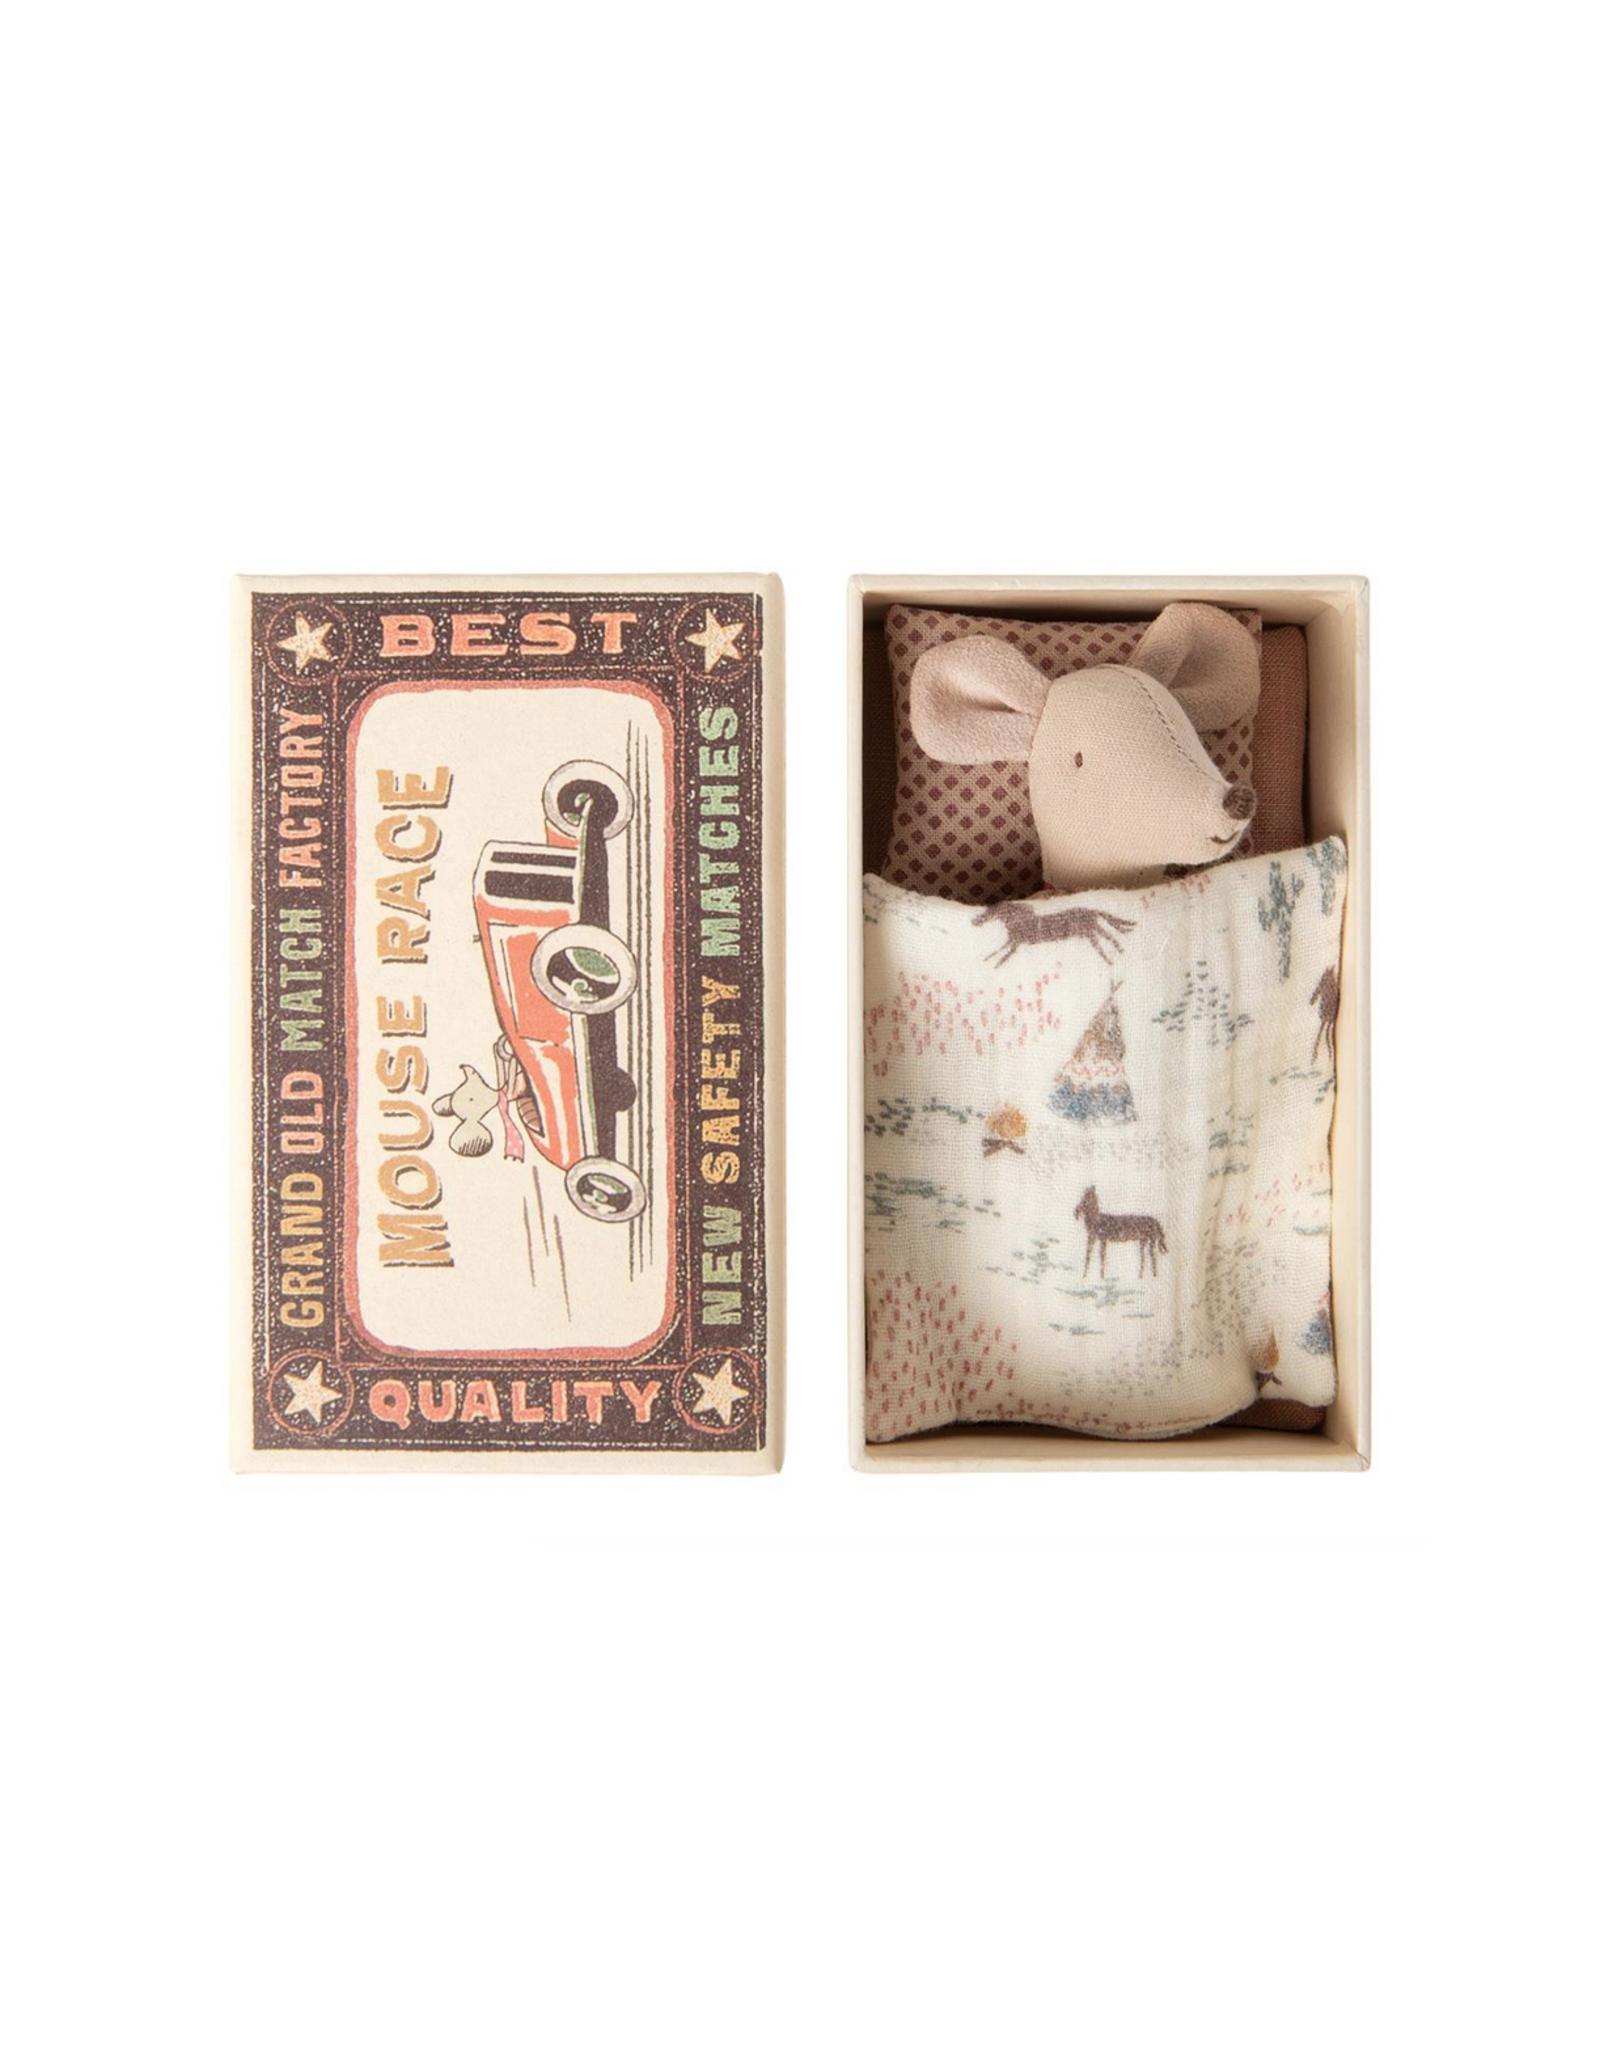 Maileg Little Sister Mouse in Box - Pink Checkered Shirt + Goldenrod Skirt